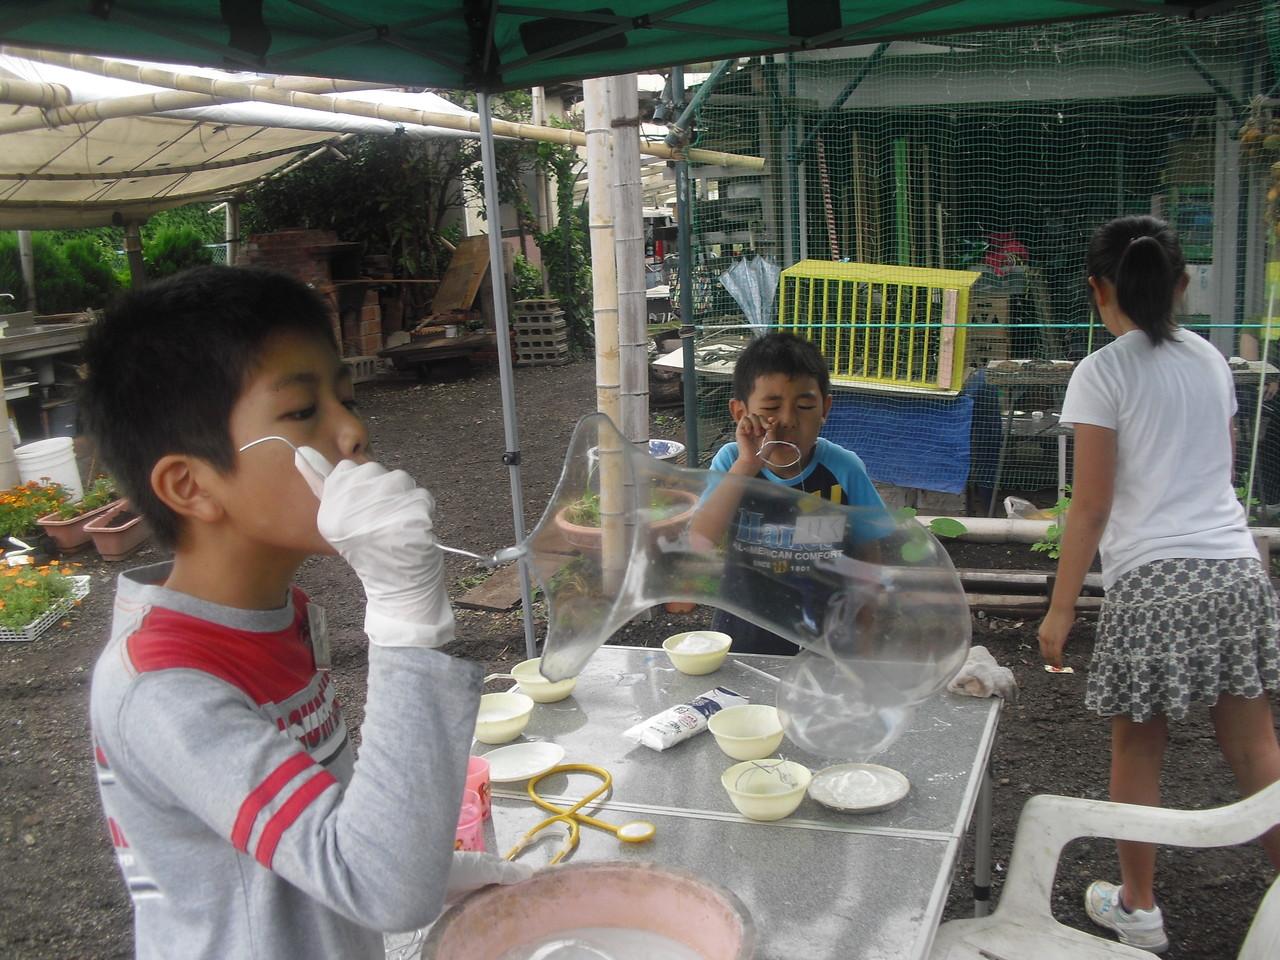 すごい!!みんな大きく膨らむように自分で調節して液体を作っています。この作業が実はふくらますこと以上に子どもたちにとっては楽しかったりするんですよね~。